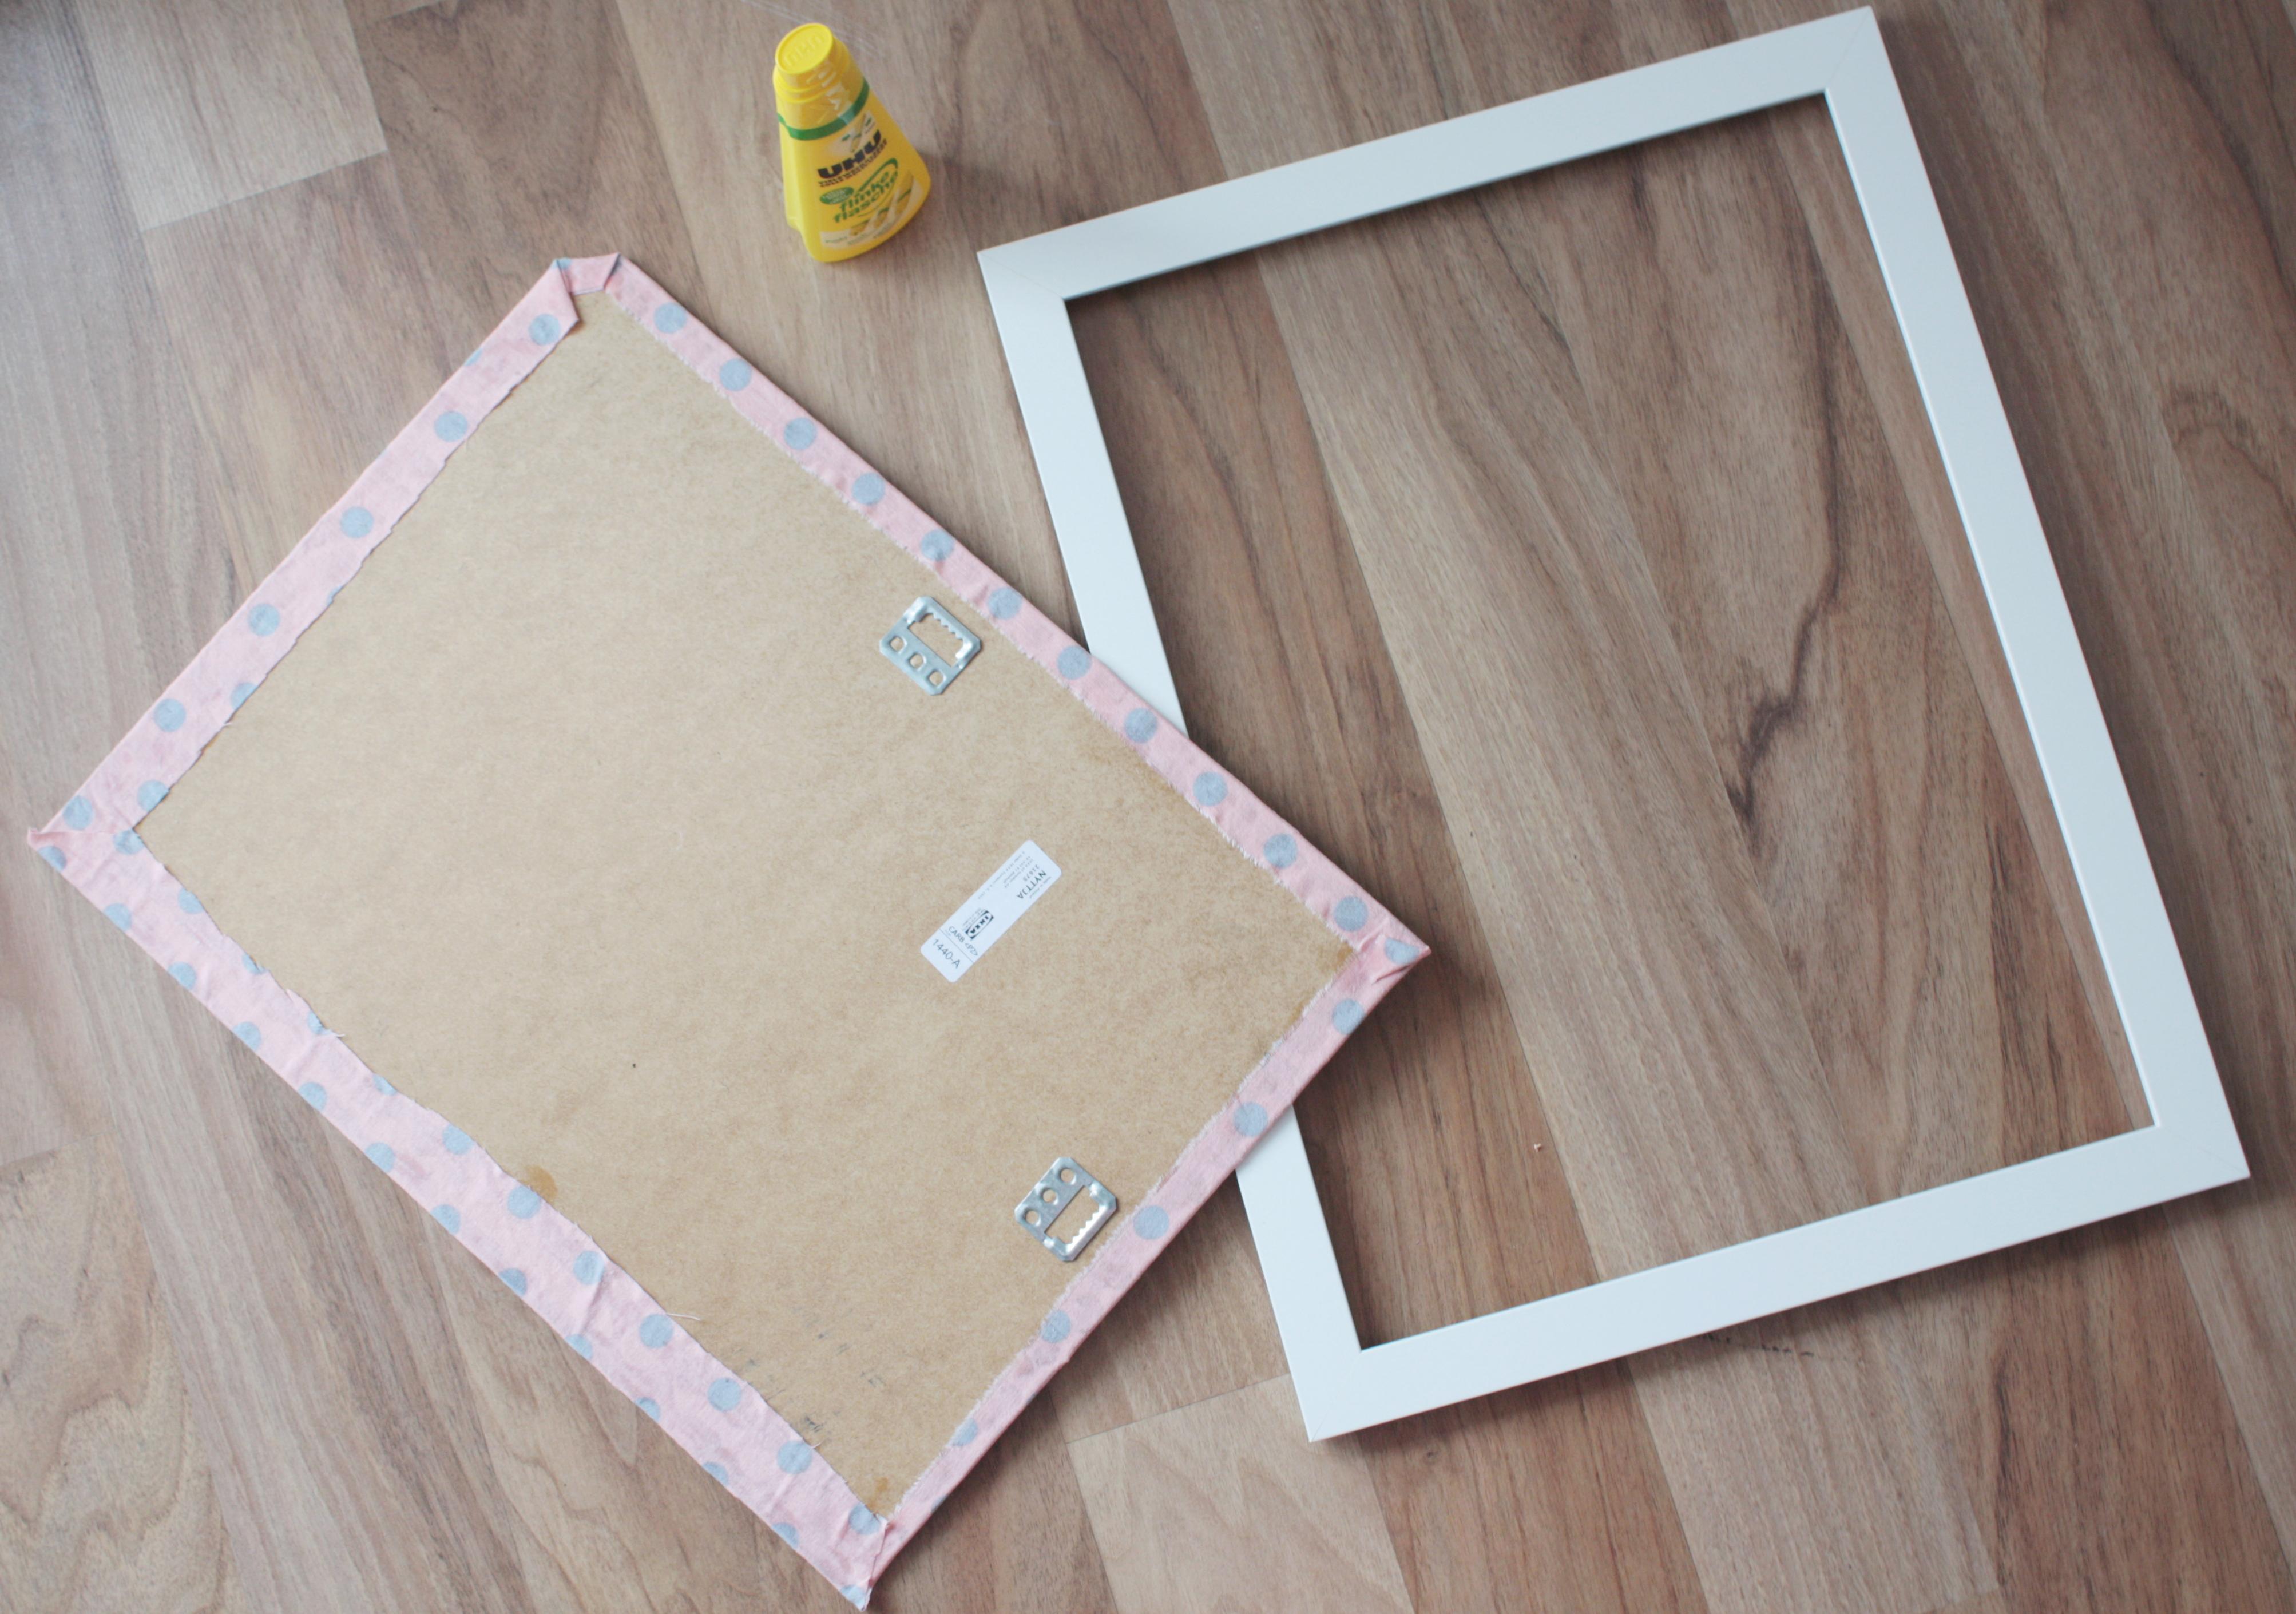 diy magnetisches memoboard pastell magnete rosy grey diy blog lettering m nchen. Black Bedroom Furniture Sets. Home Design Ideas